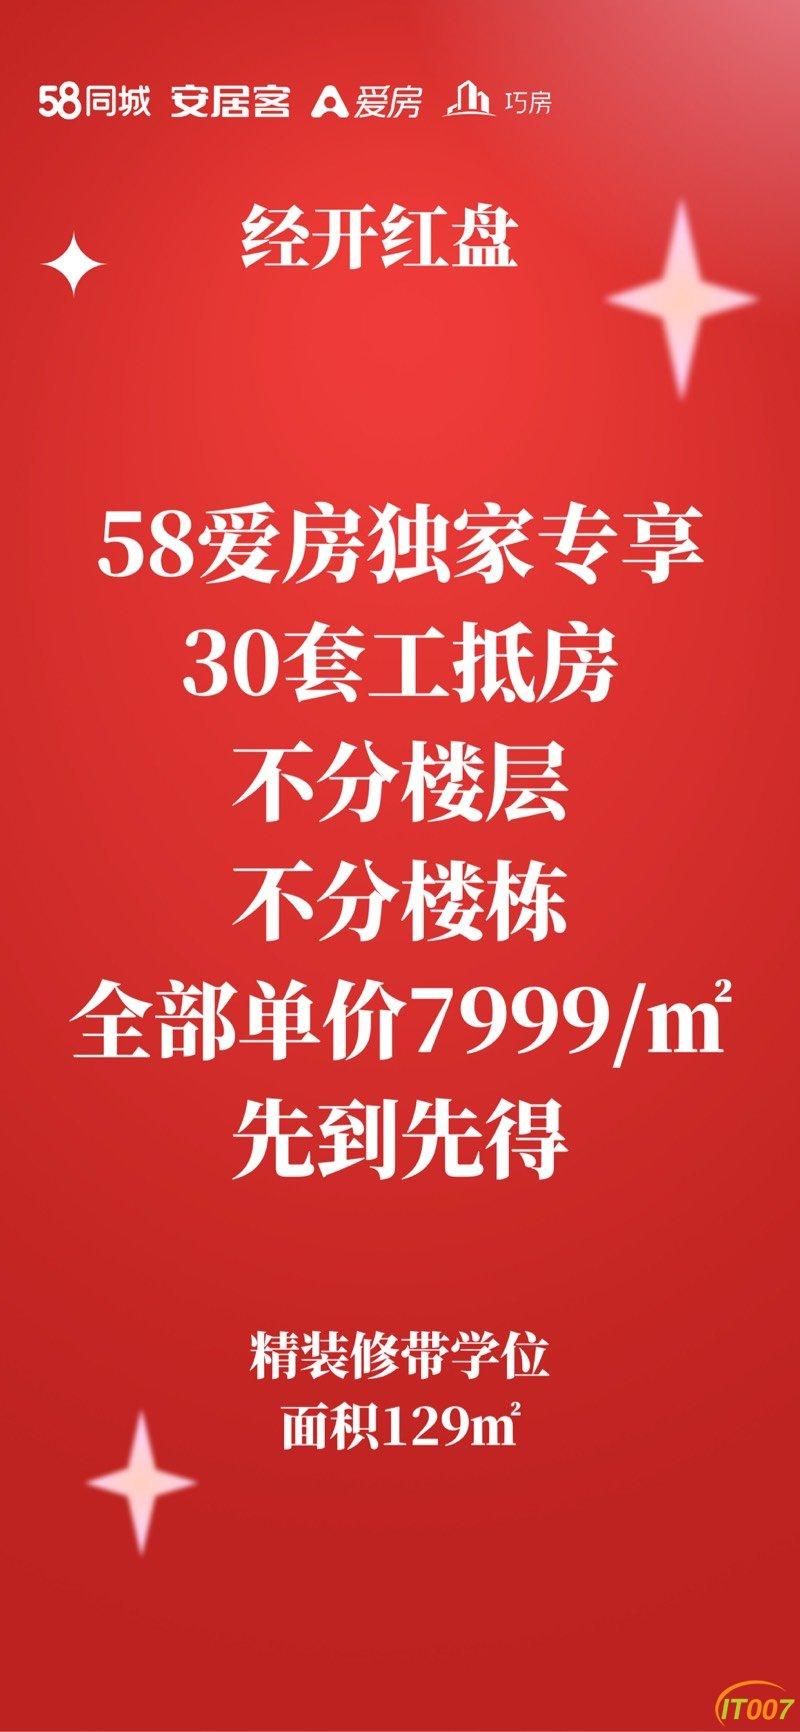 211132cilgn13n33t6i1t6.jpg